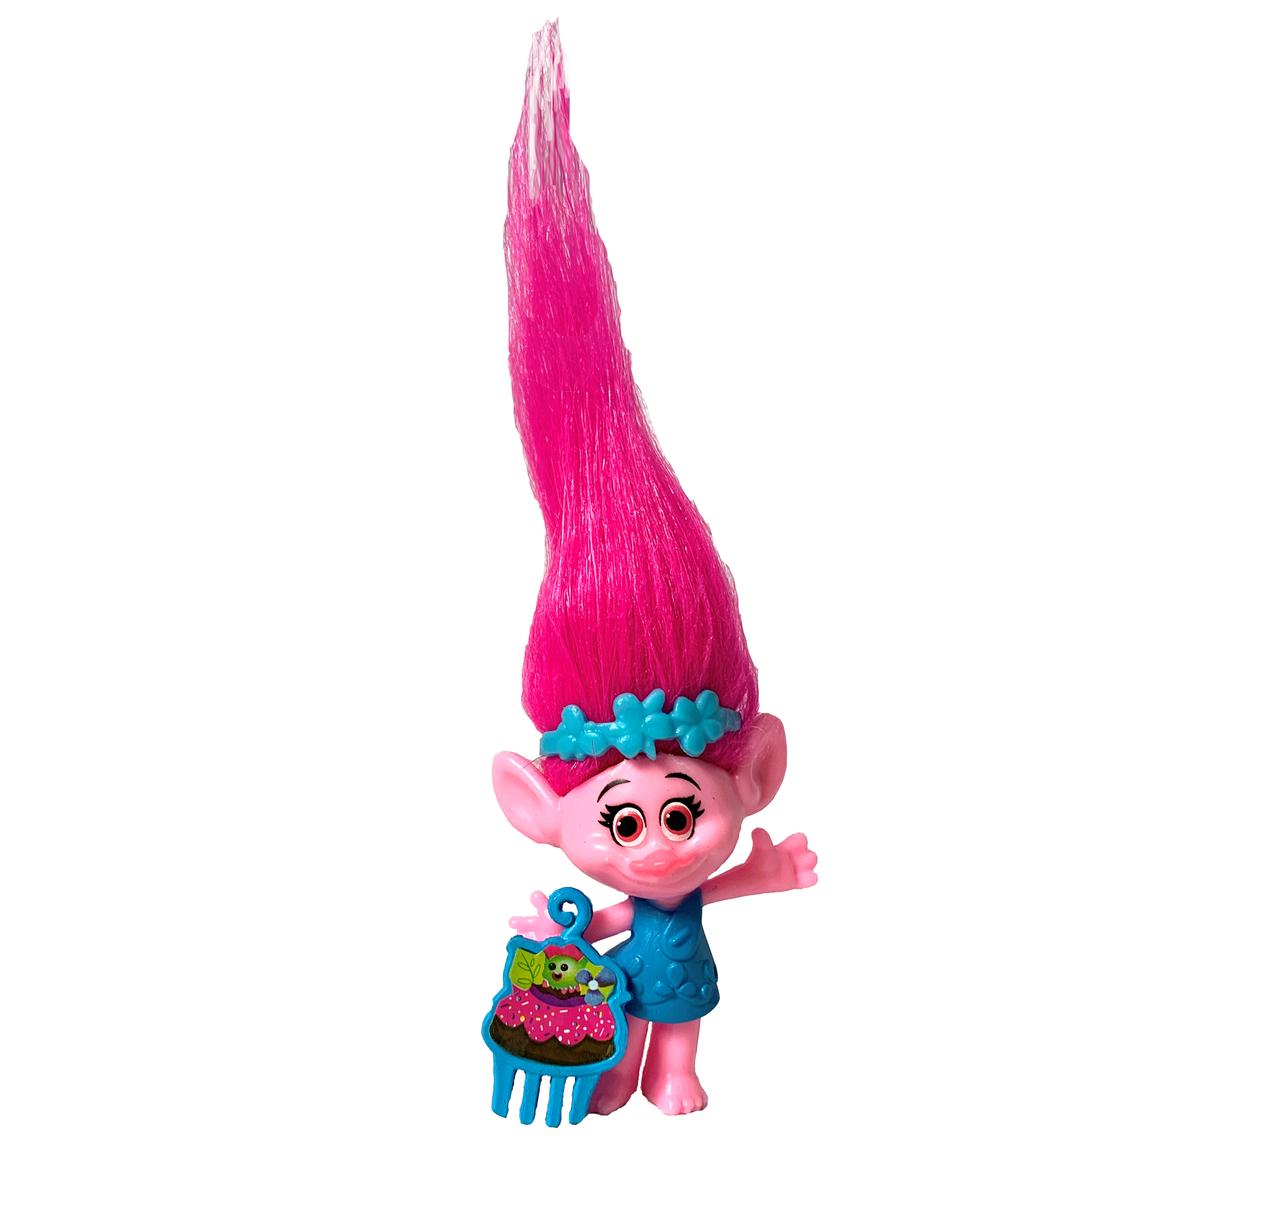 Іграшка-фігурка Hasbro Трояндочка, Тролі - Poppy, Trolls